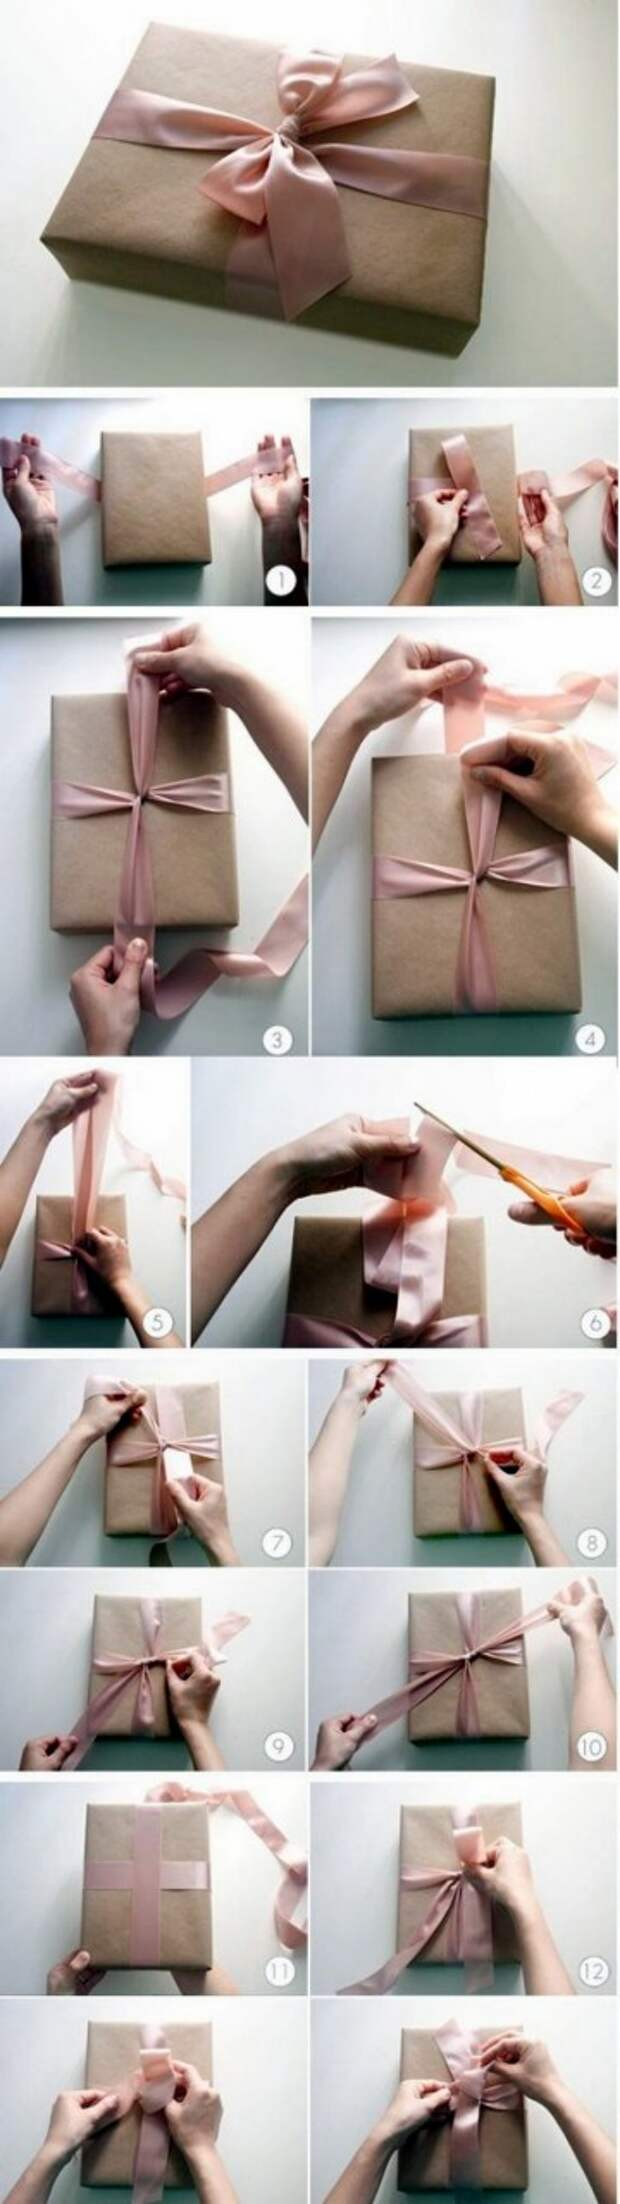 Идеи упаковки подарков на Новый Год 2019